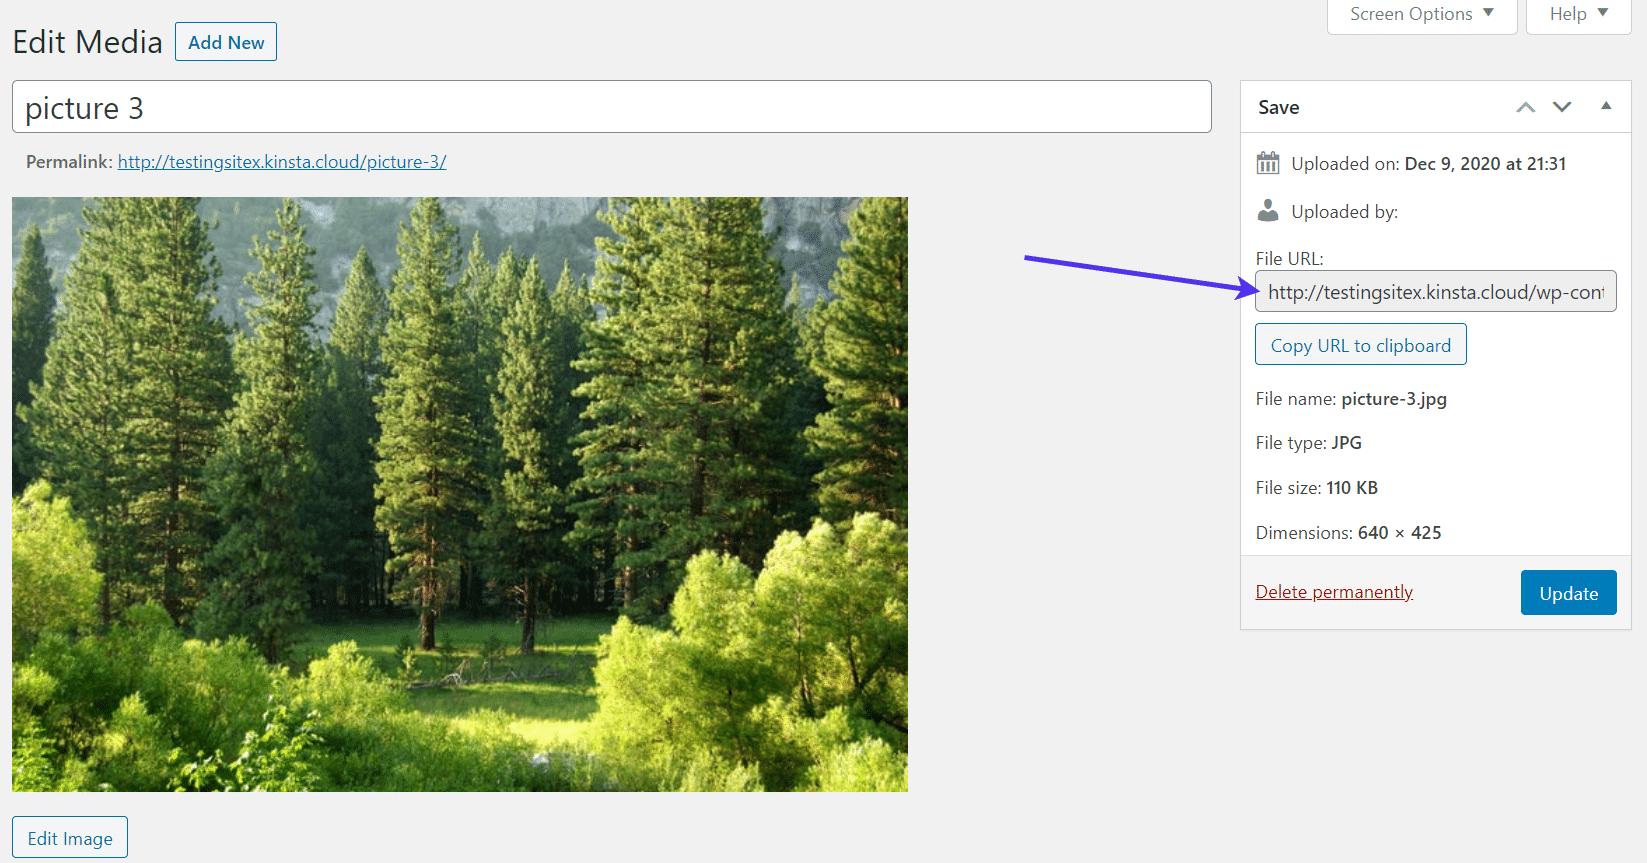 Uploaded media have unique file URLs.